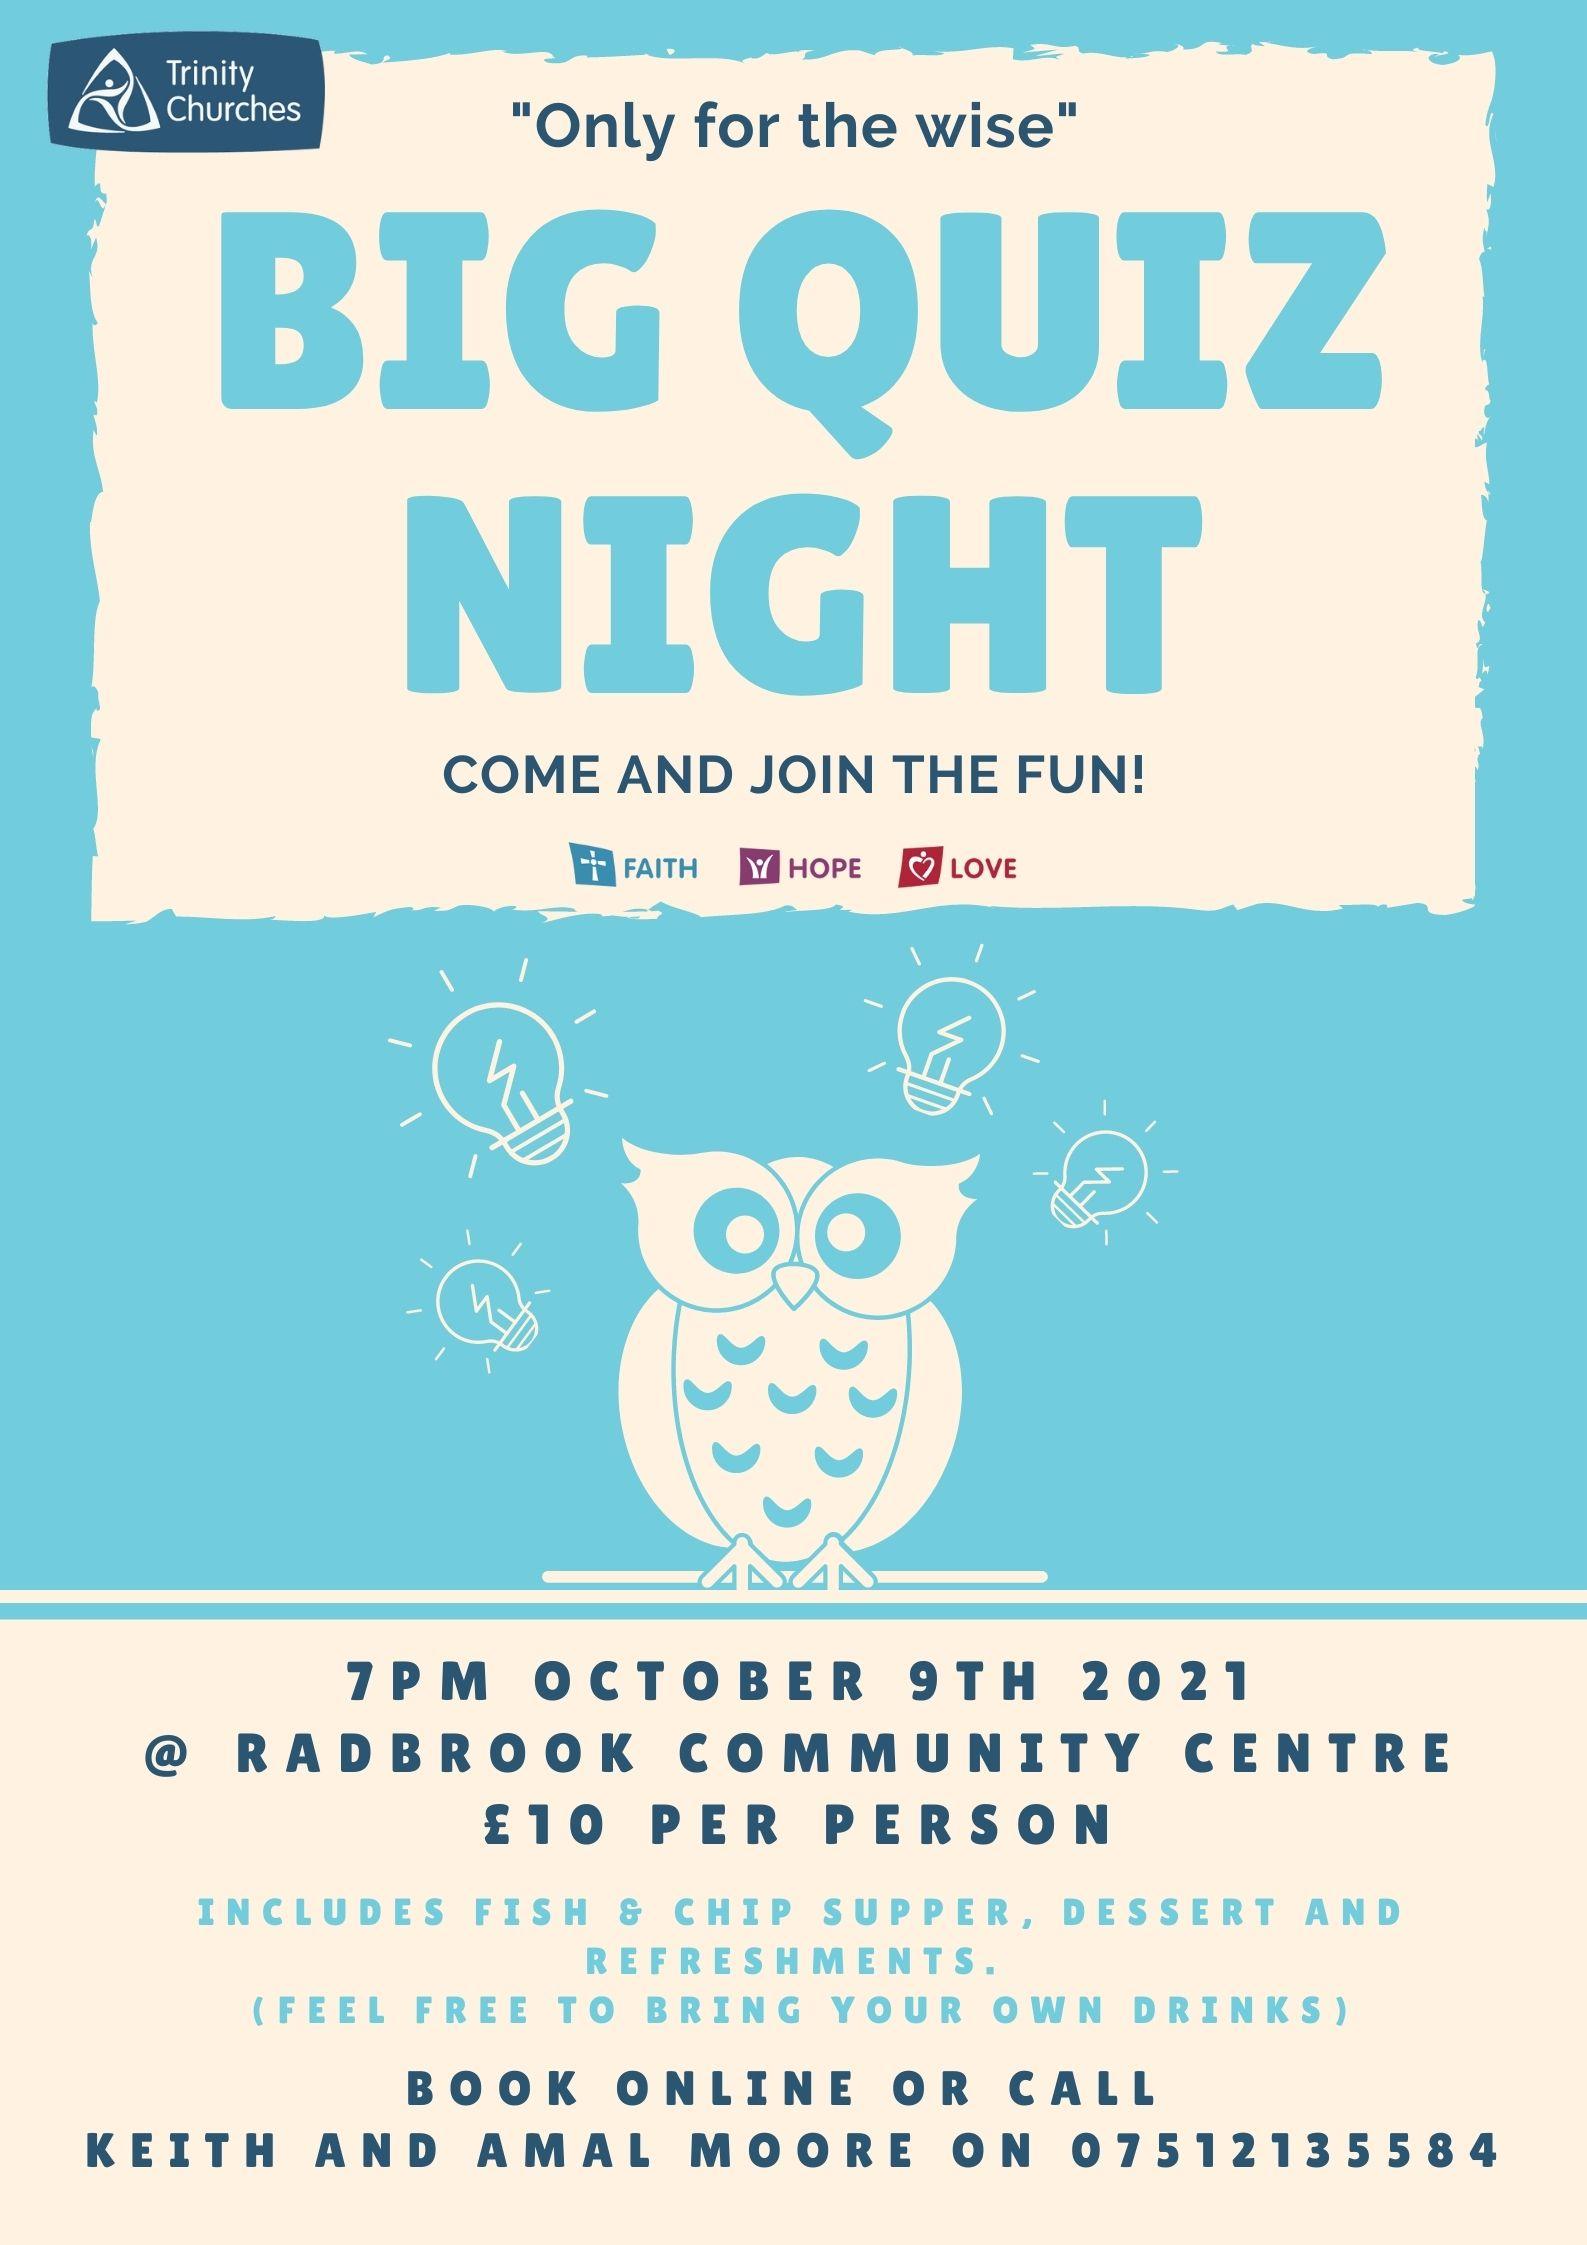 The Big Quiz Night